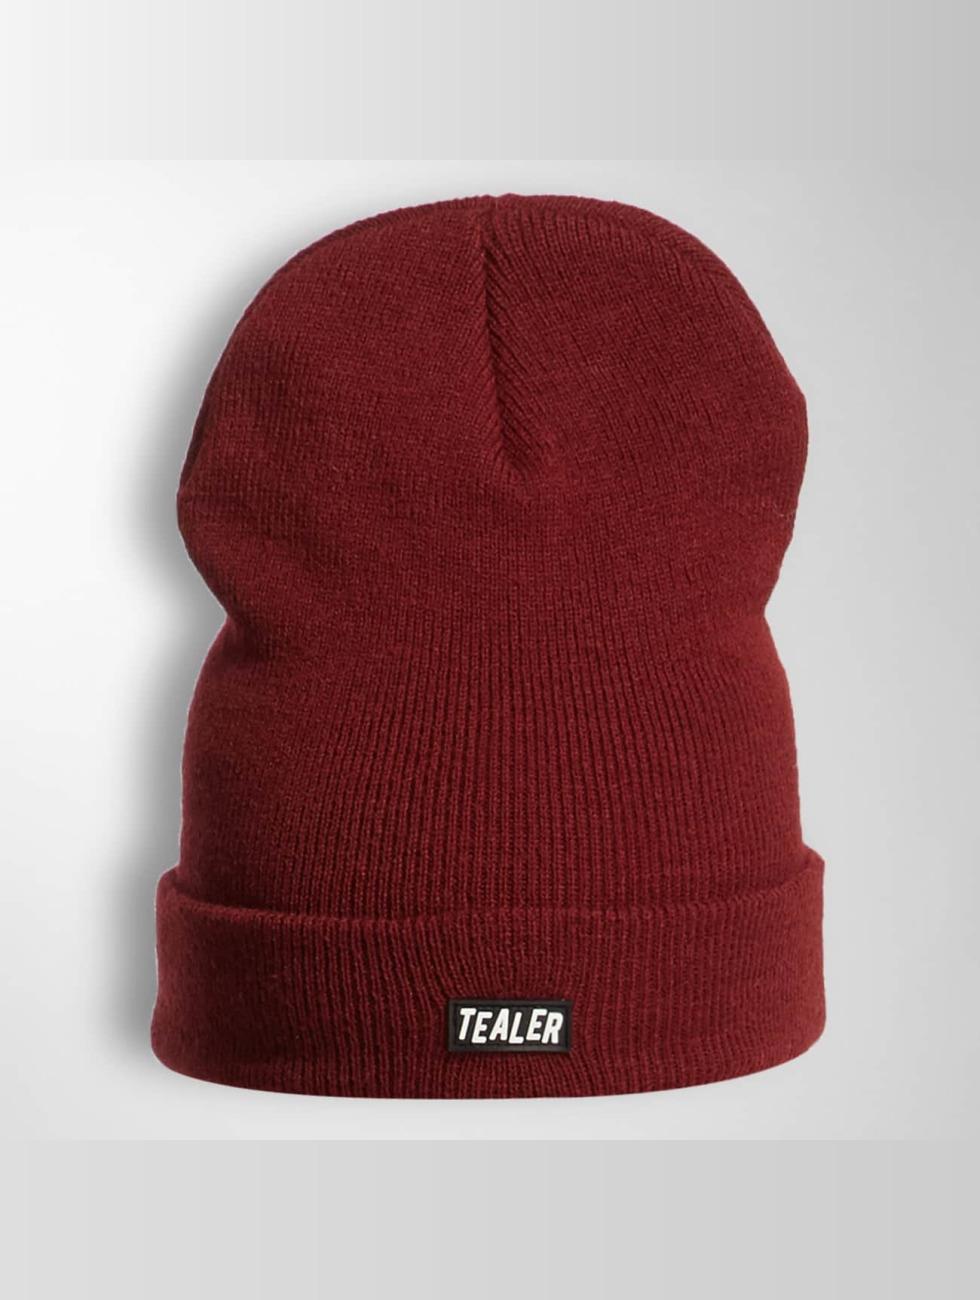 Tealer Czapki PVC Patch czerwony